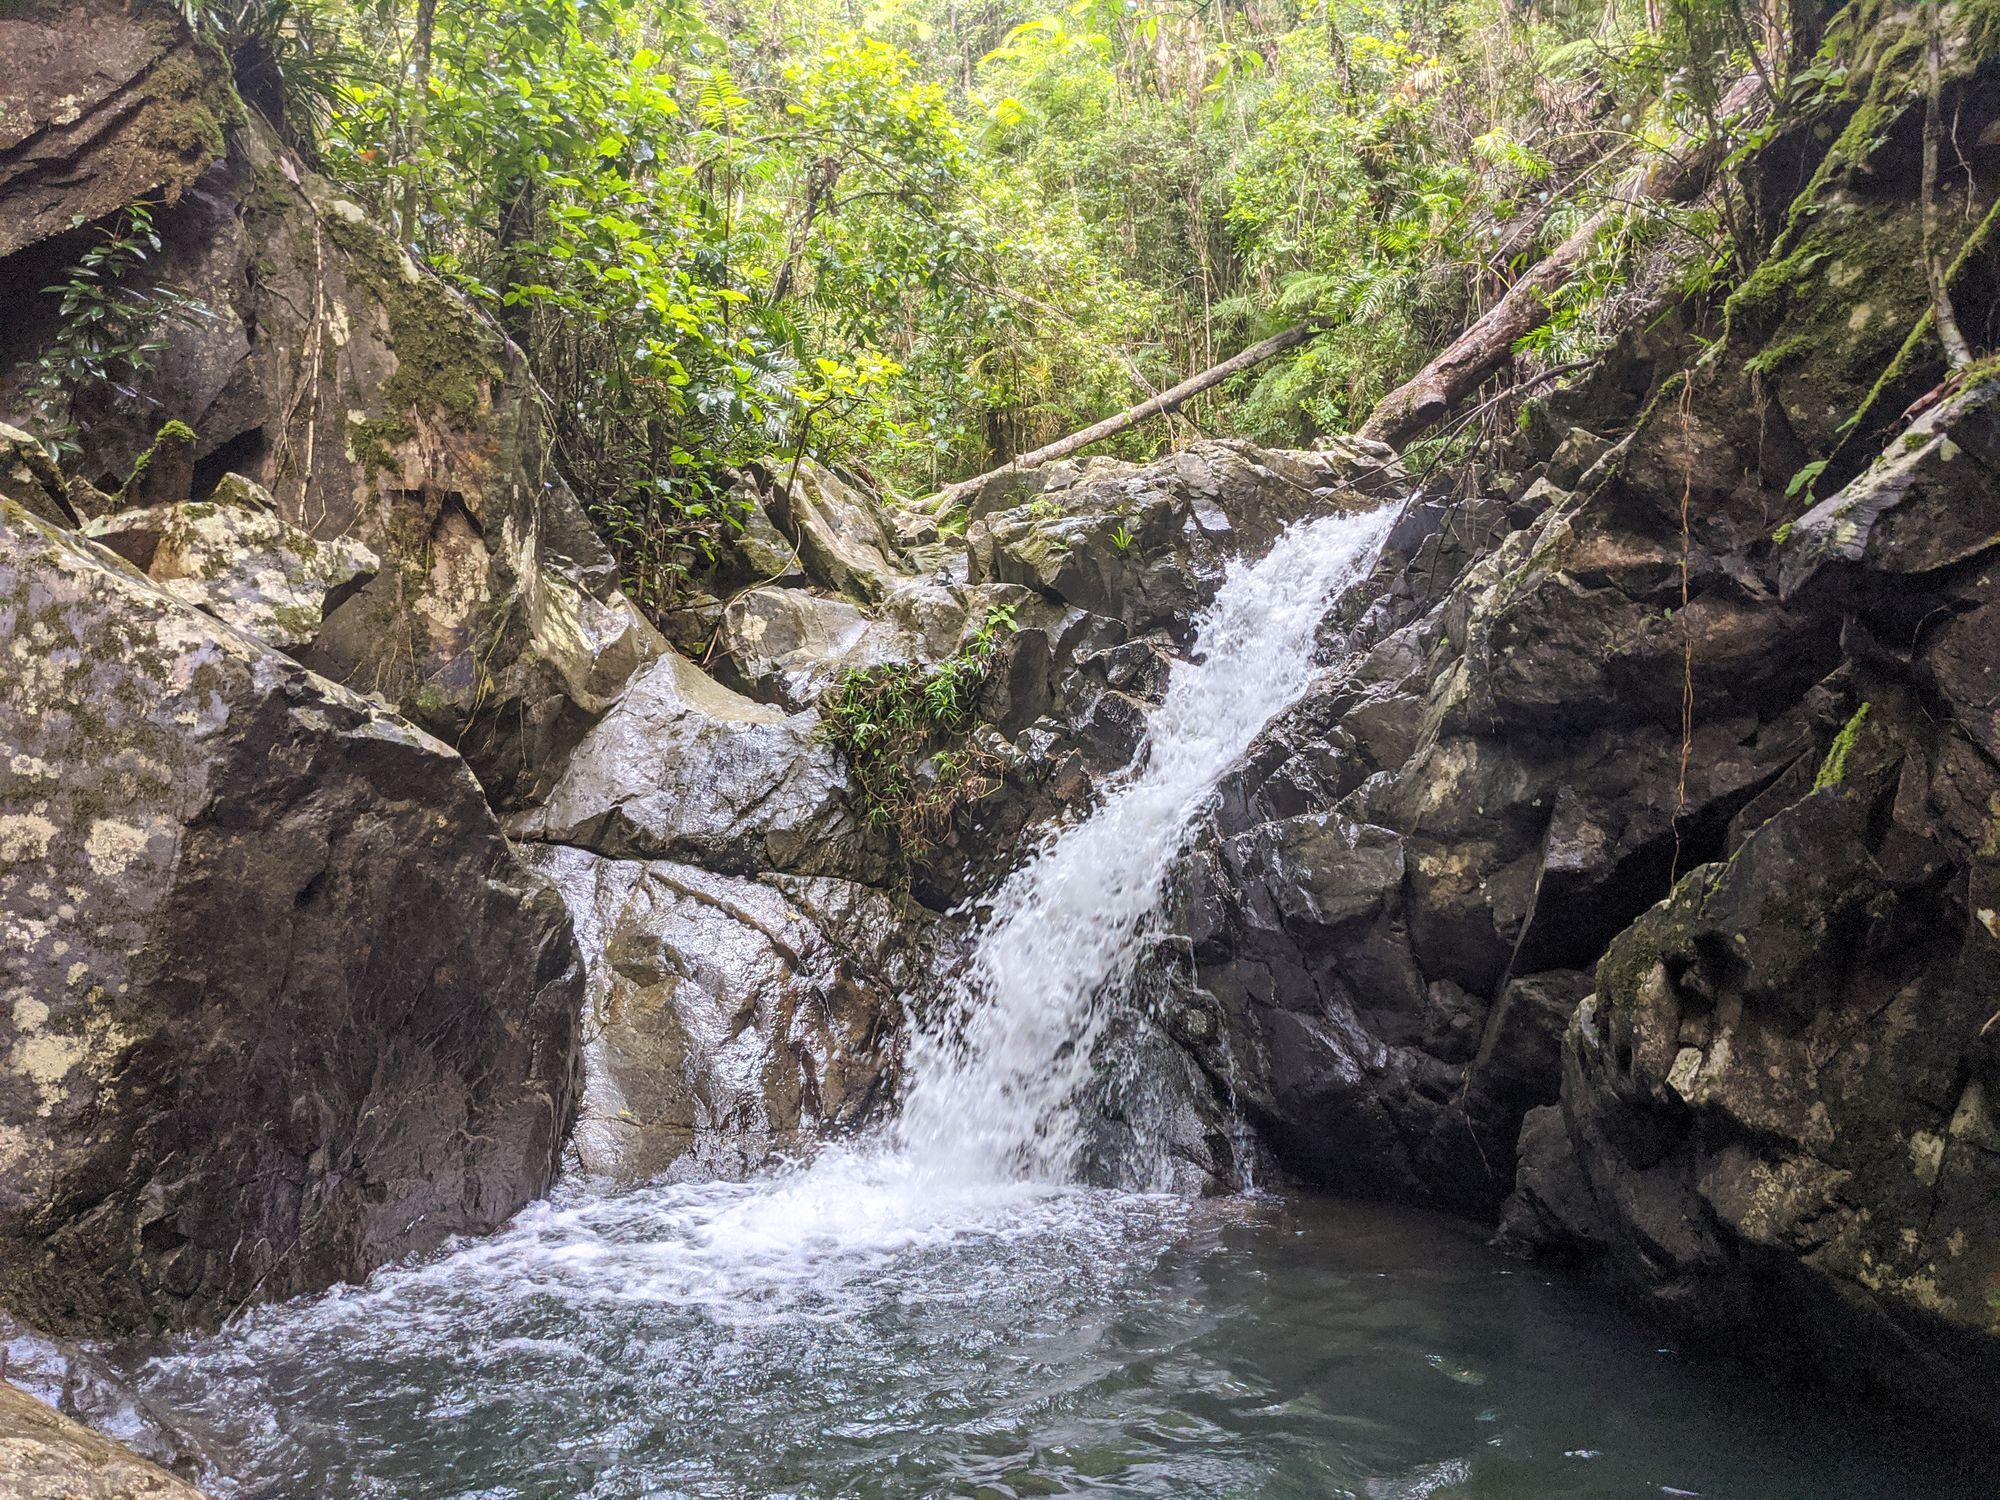 mobile creek pool falls